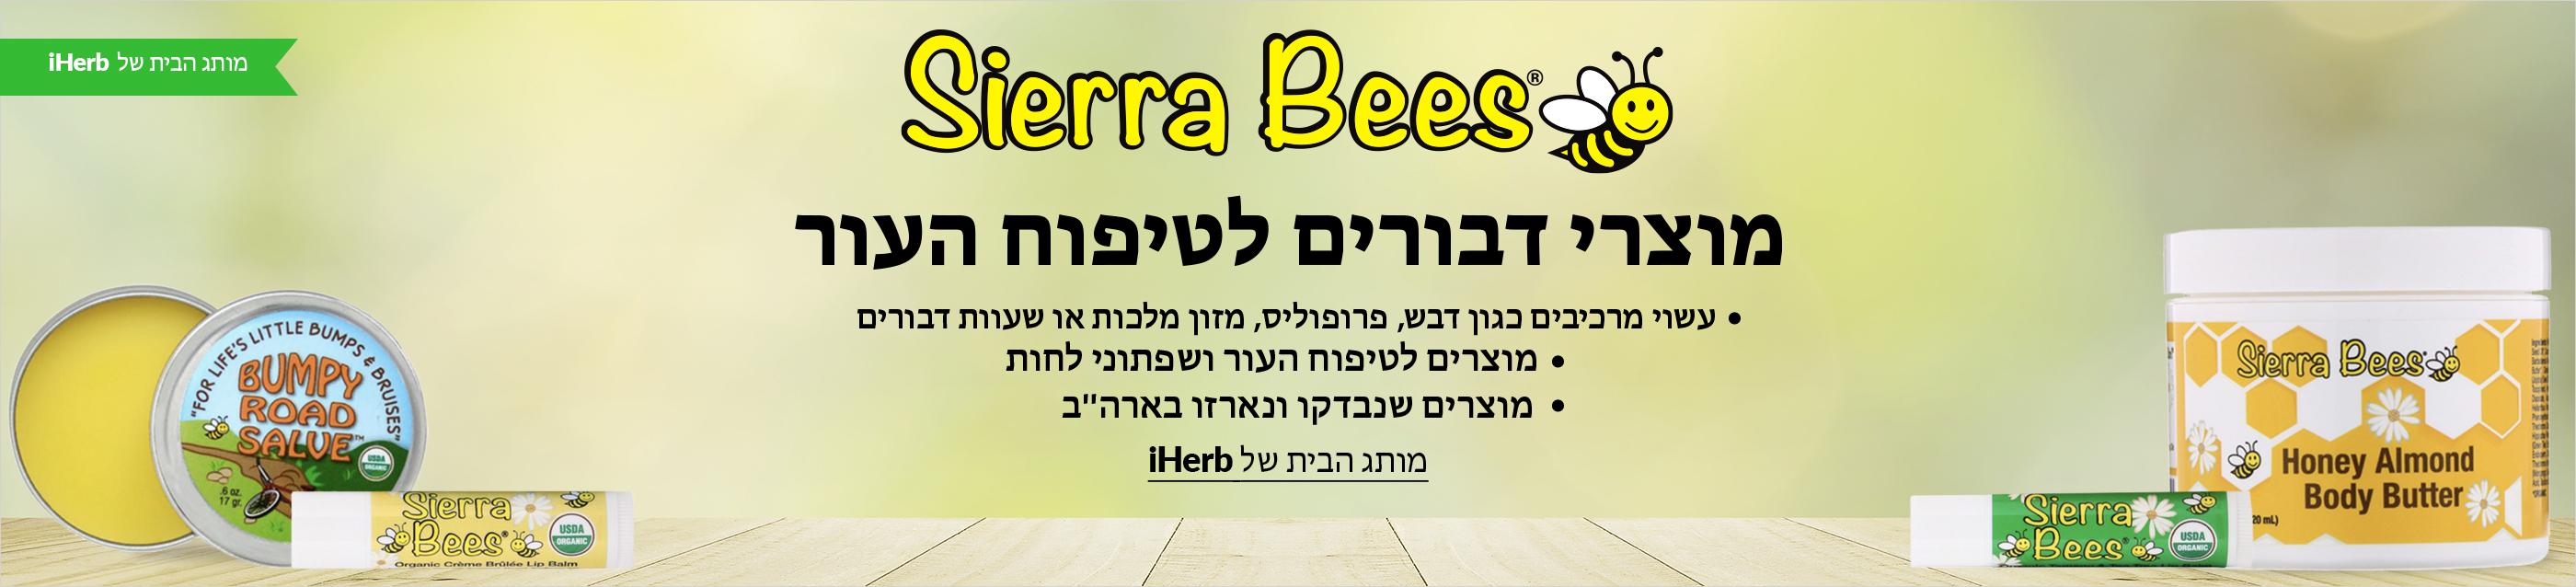 Sierra Bees